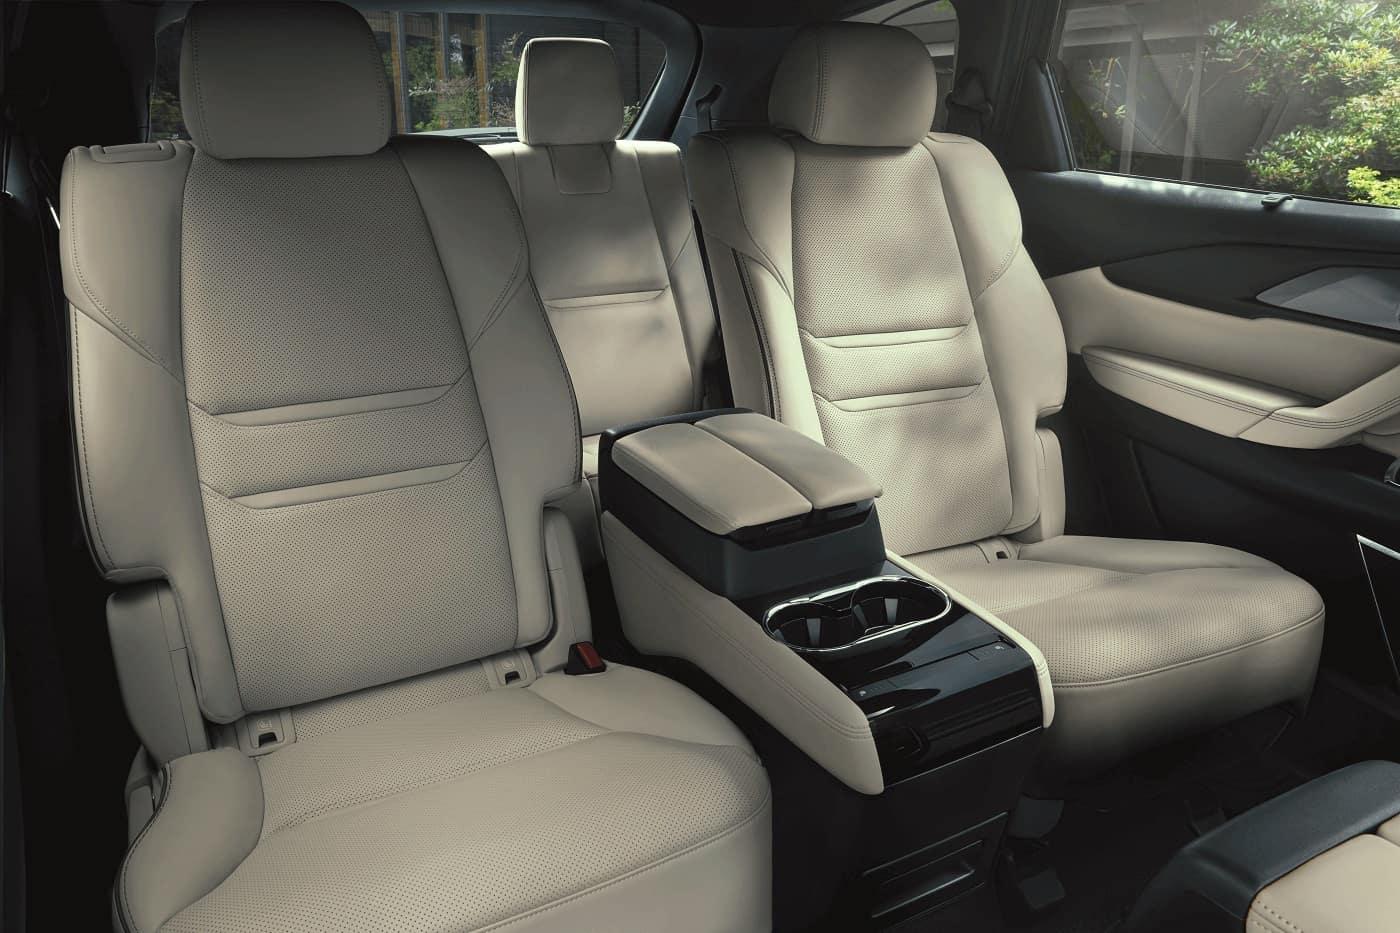 Mazda CX-9 Interior Cabin